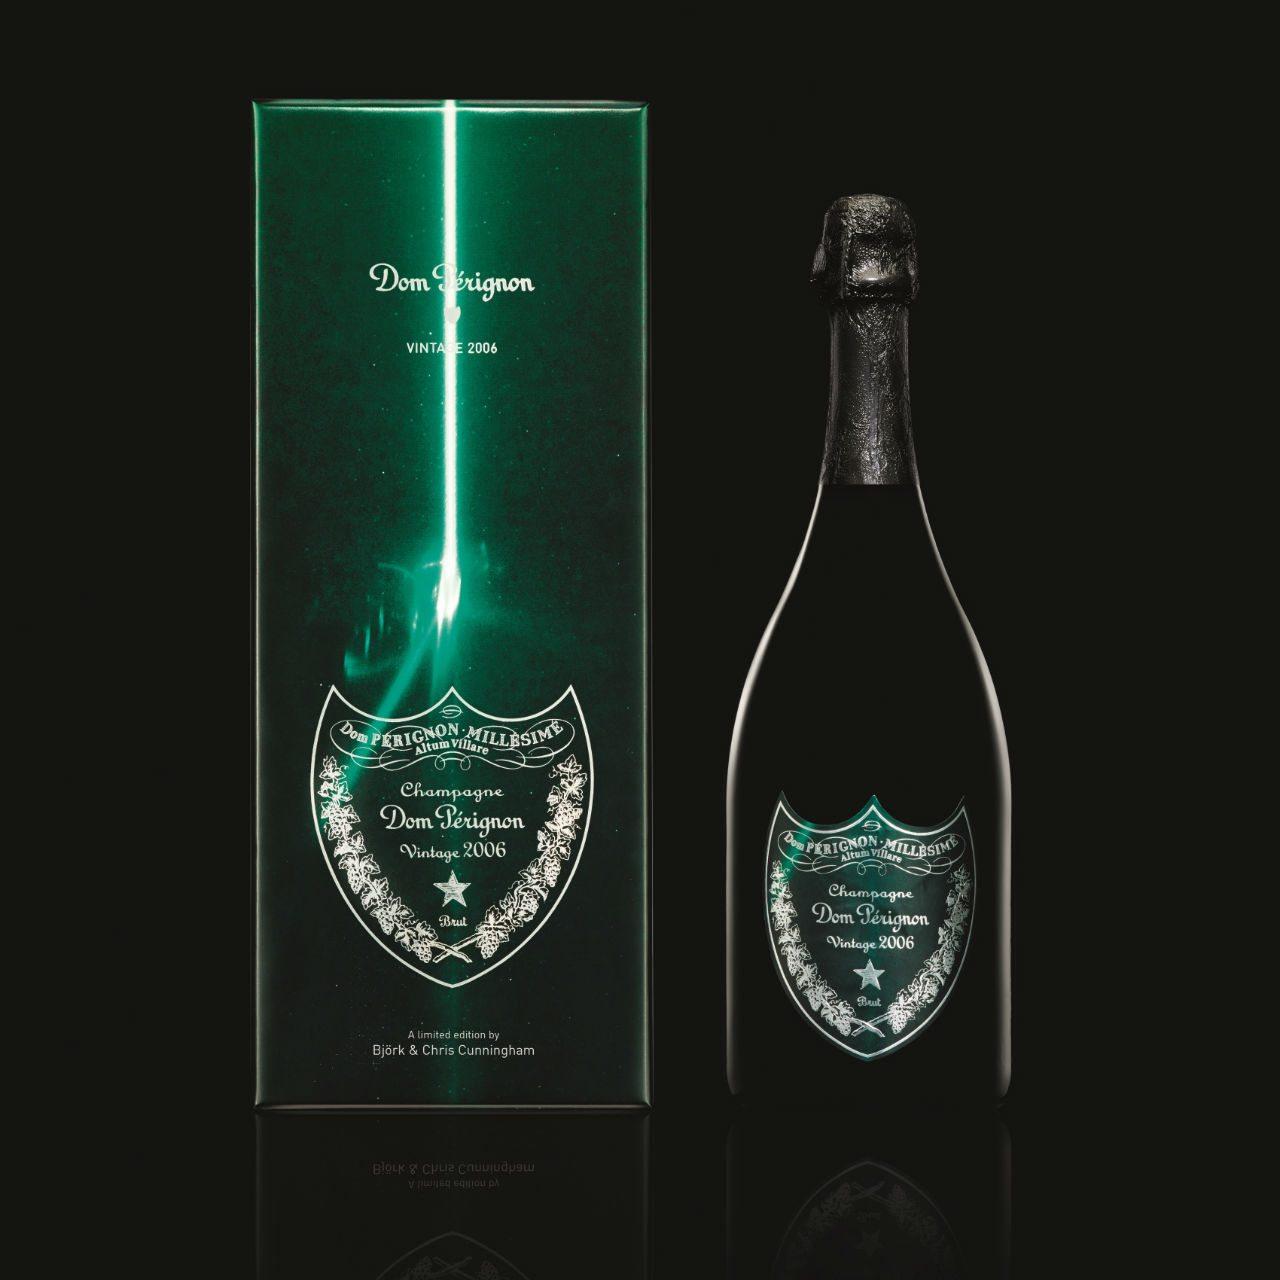 DOM PERIGNON - COFFRET + BOUTEILLE VINTAGE 2006 VERT - Fond noir